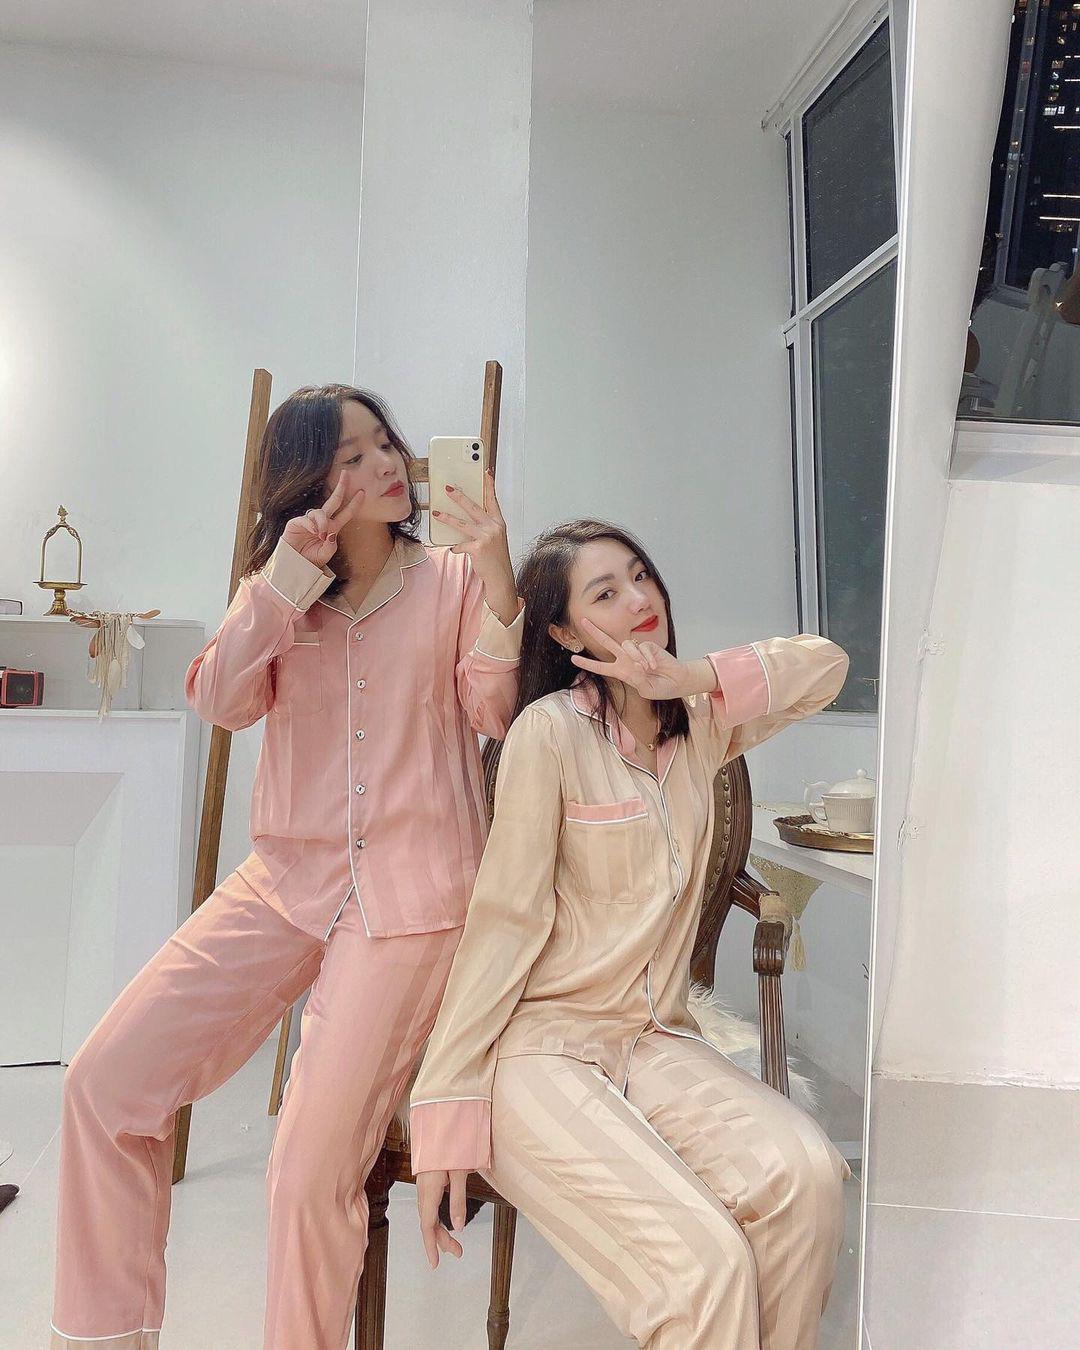 Chỉ từ 200k, chị em sắm được ngay pyjama dài tay ấm mà xinh - ảnh 4